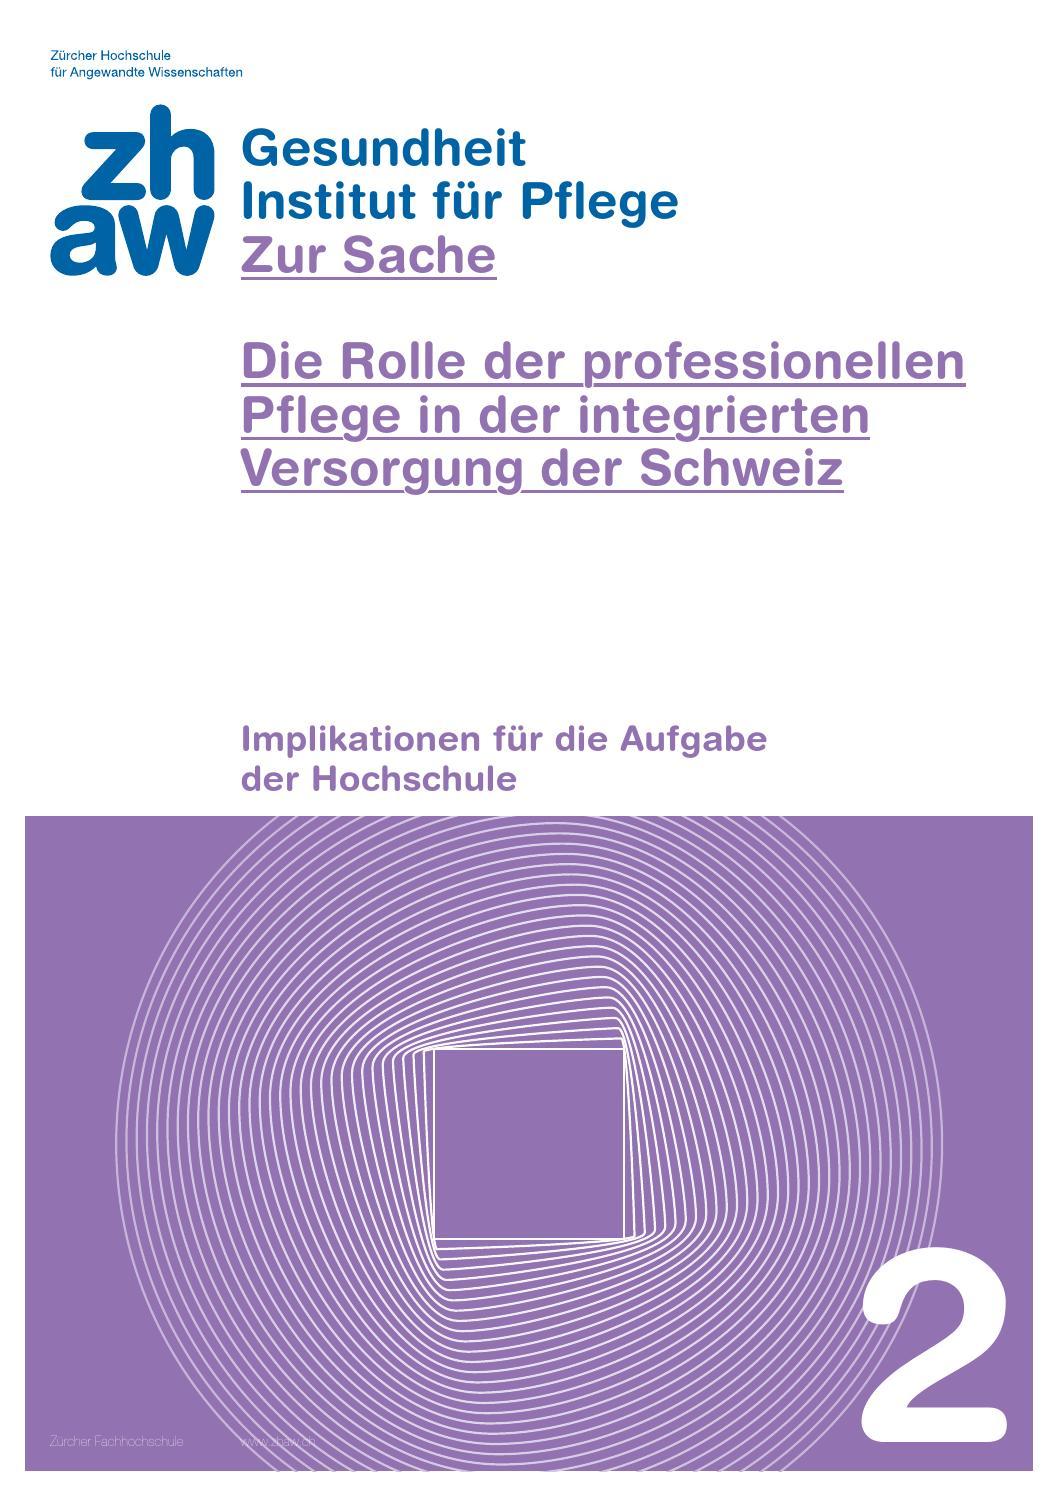 Zur Sache - Die Rolle der professionellen Pflege in der integrierten ...